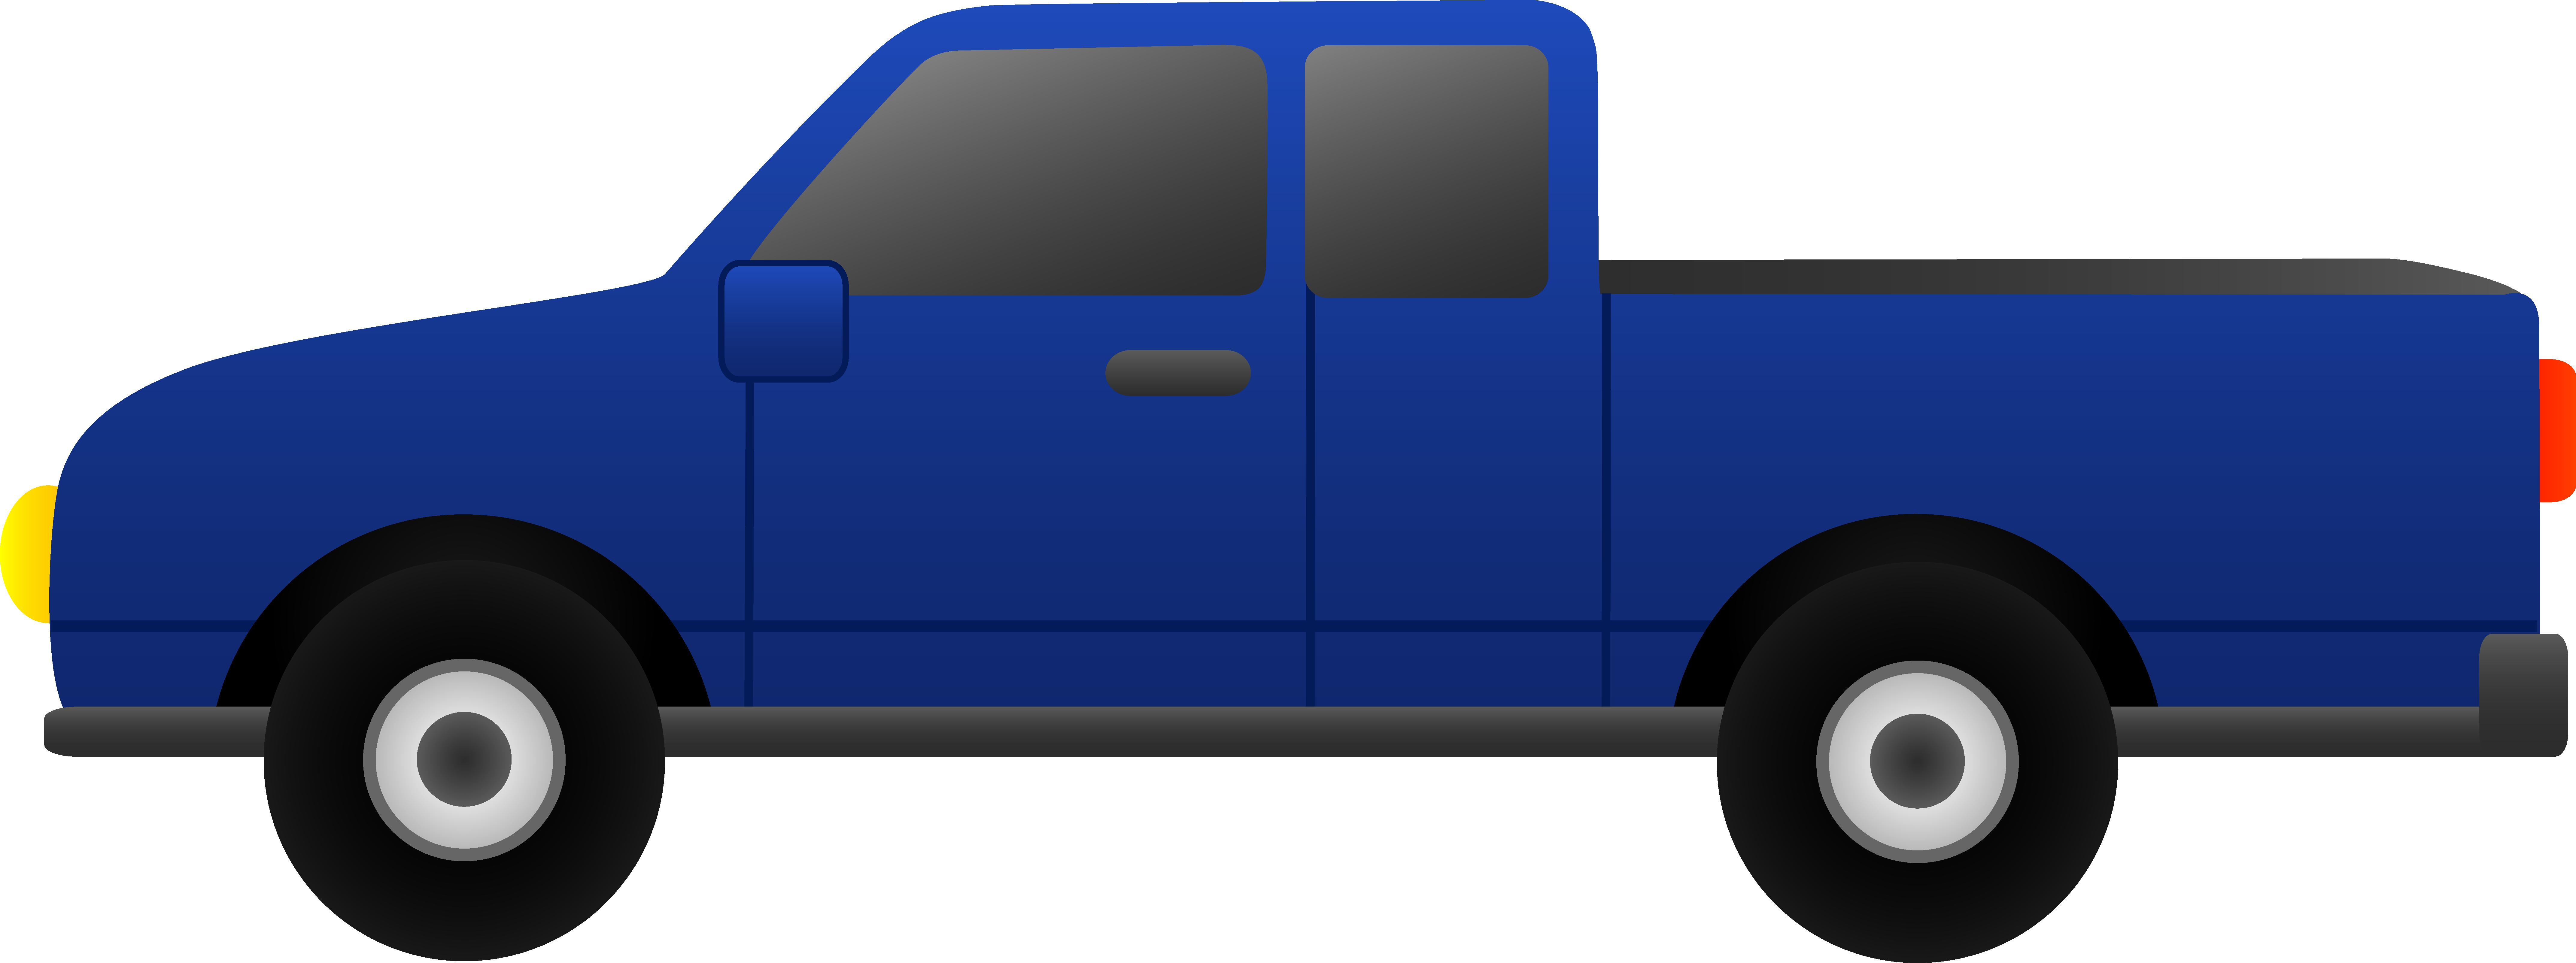 8576x3207 Free Clipart Of Trucks